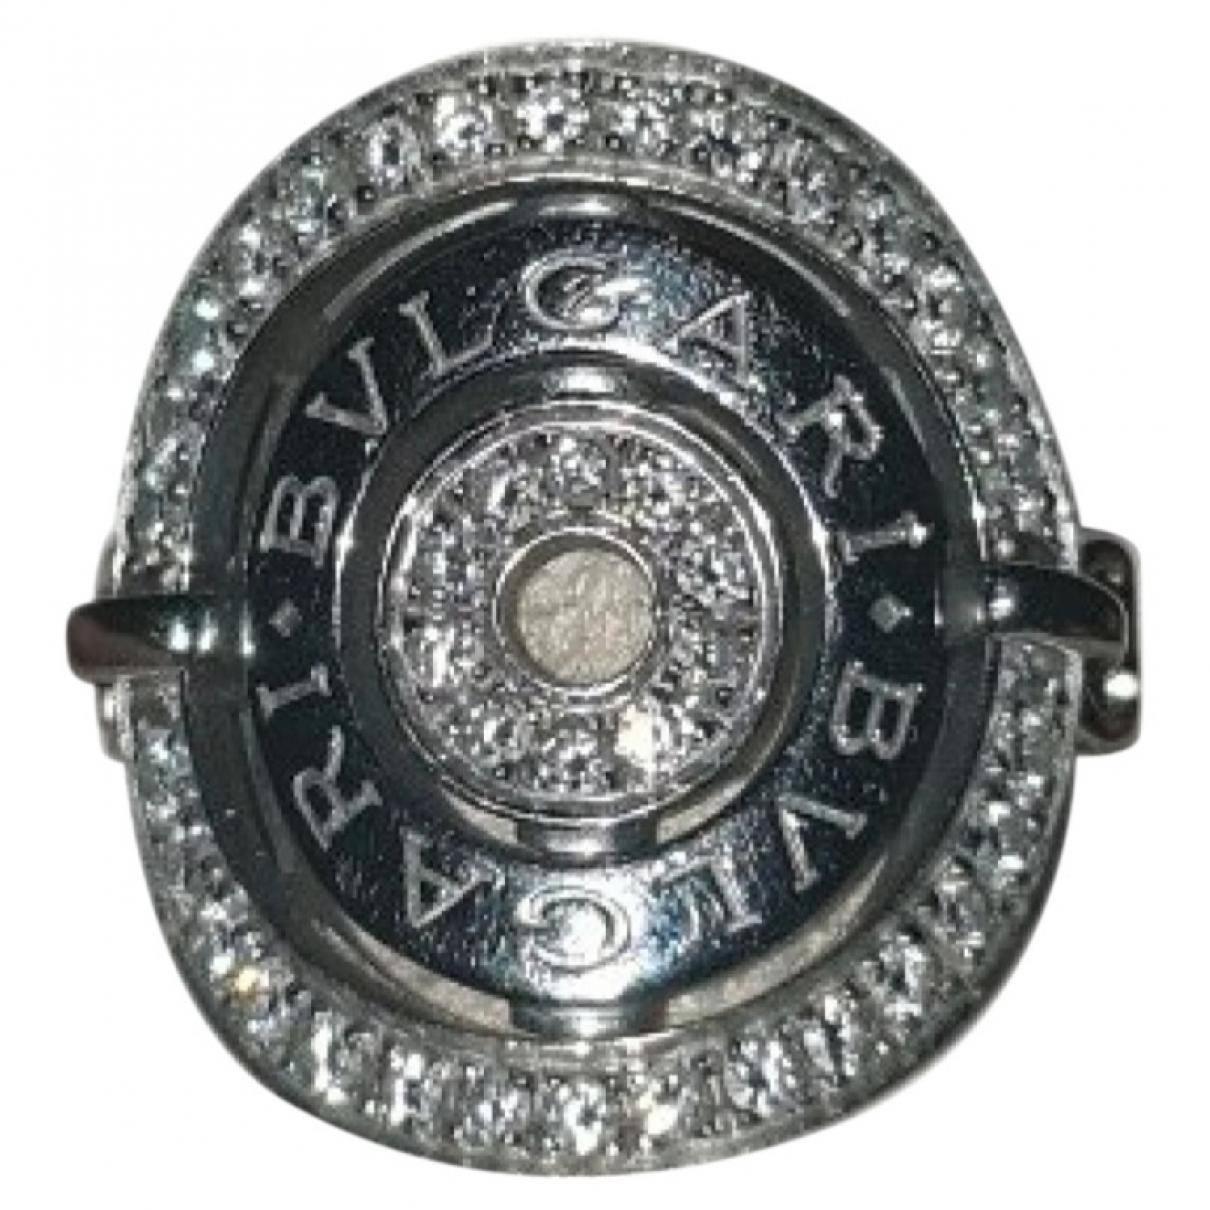 Bvlgari - Bague Astrale pour femme en or blanc - argente